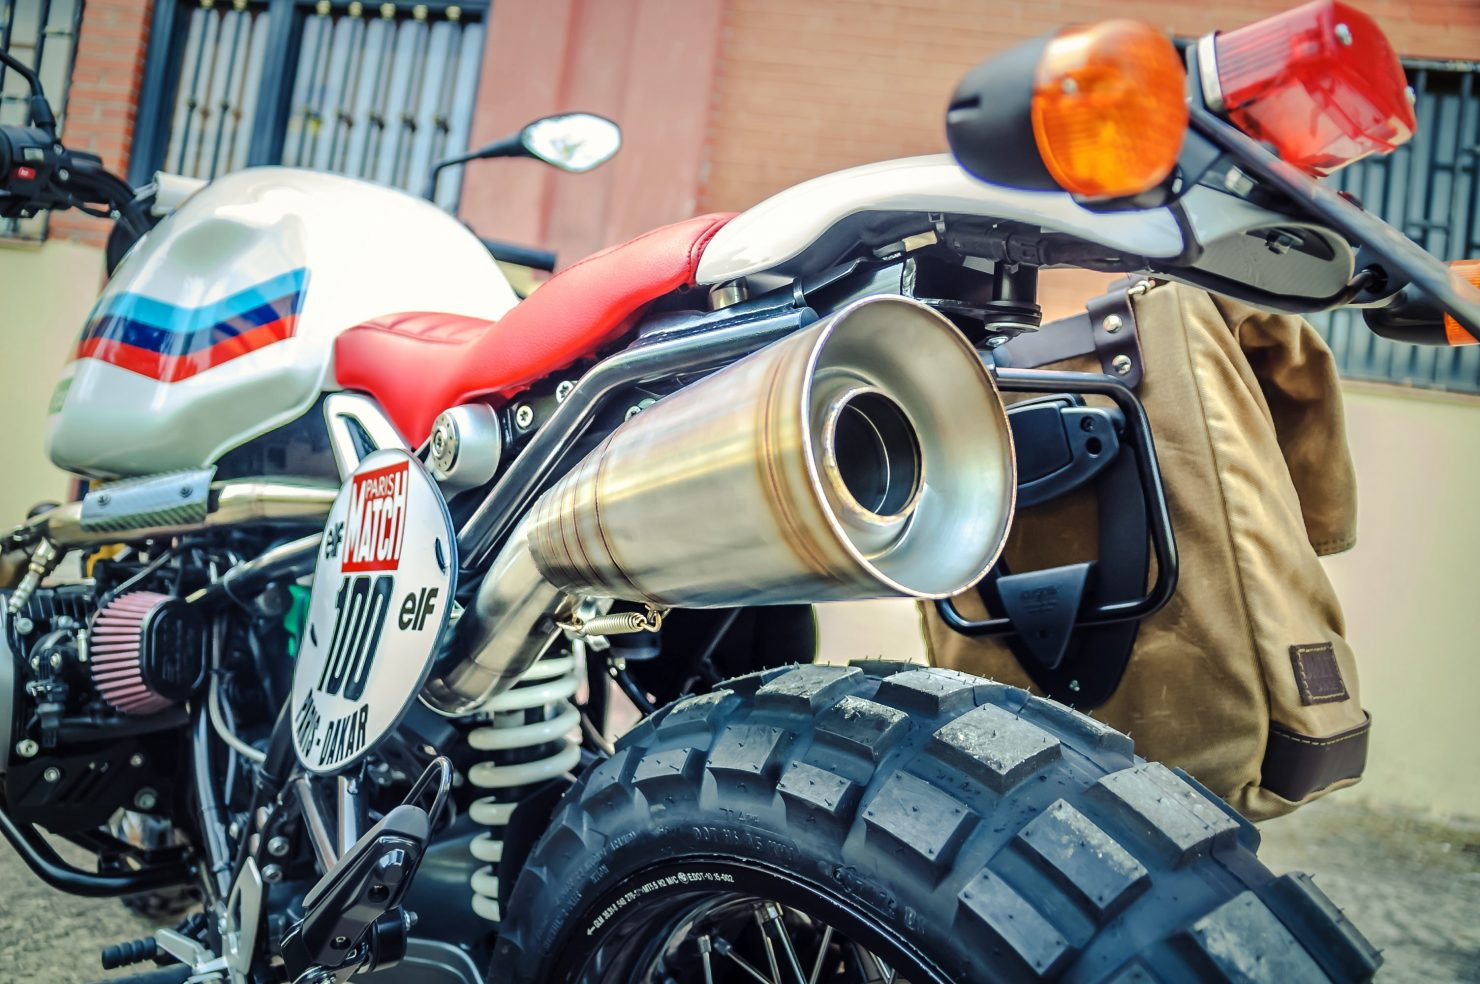 BMW R Nine T Custom Motorbike 6 1480x984 - XTR Pepo BMW R nineT Paris Dakar